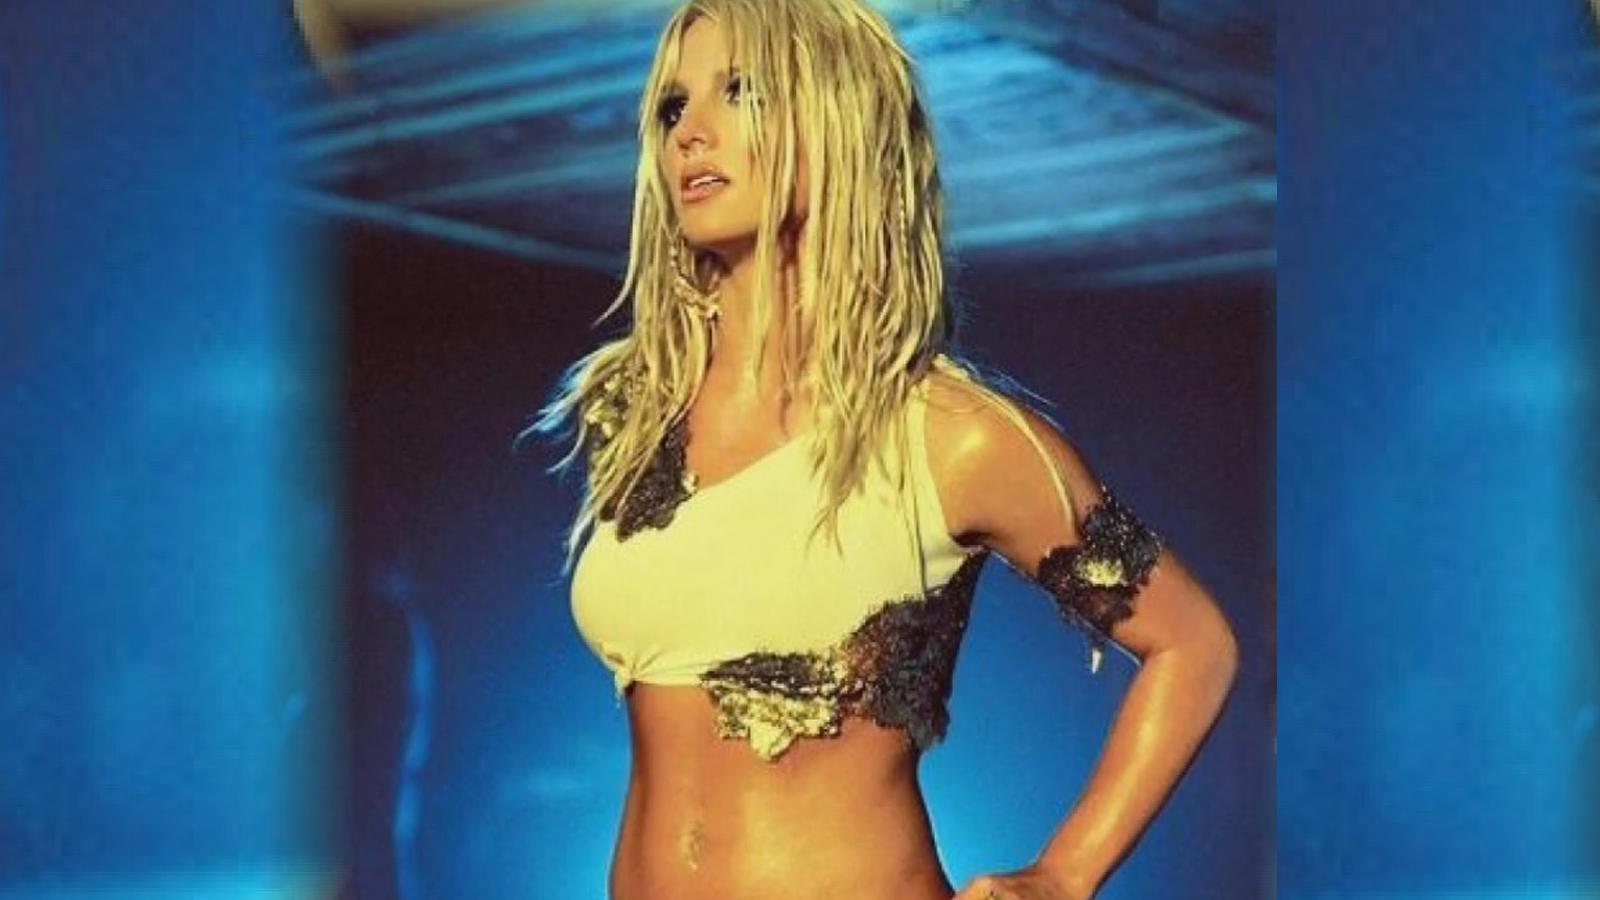 Britney Spears checks into psychiatric facility